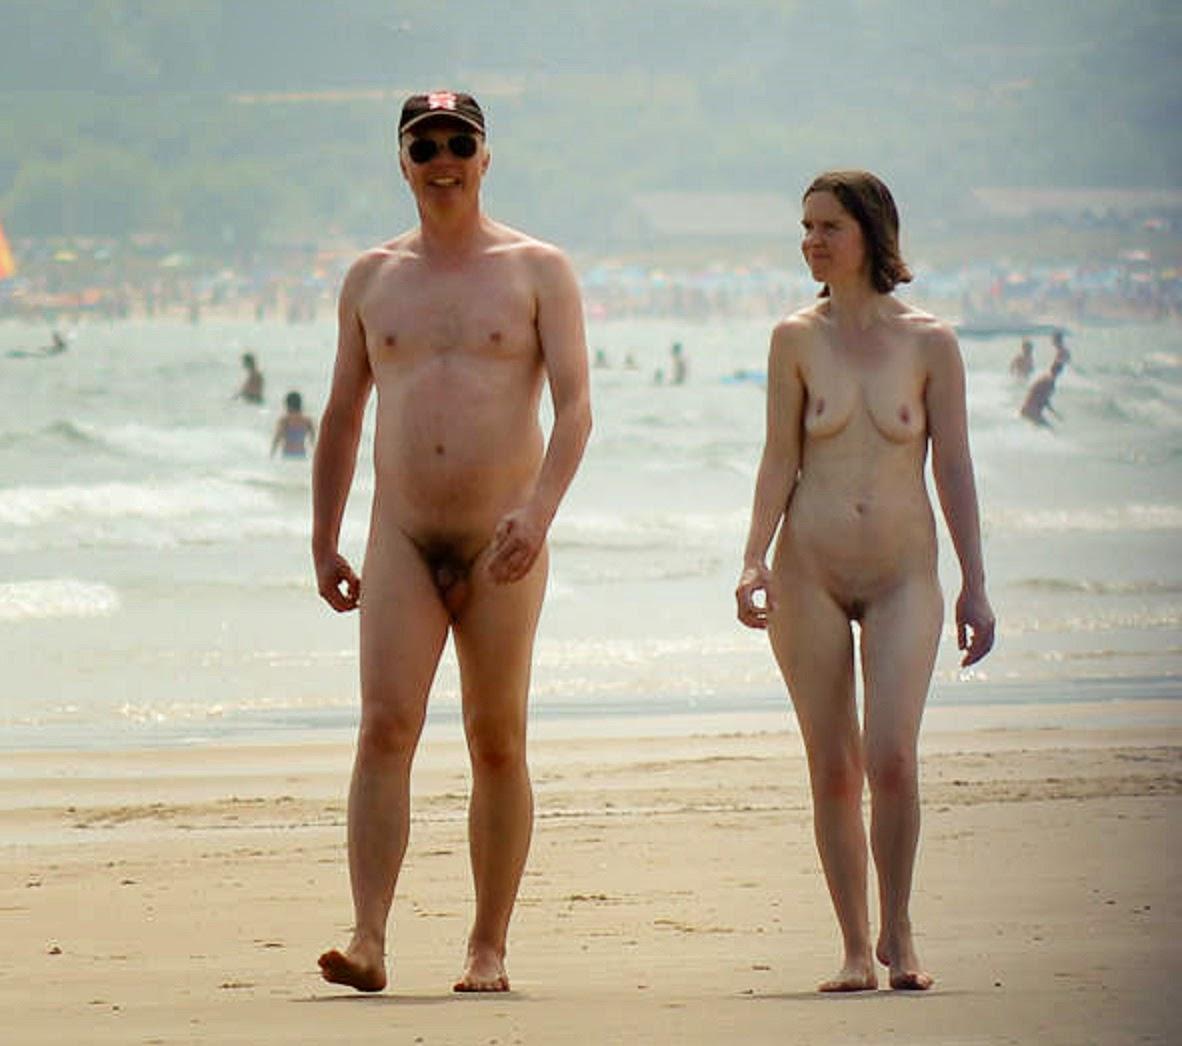 Nudist beach studland